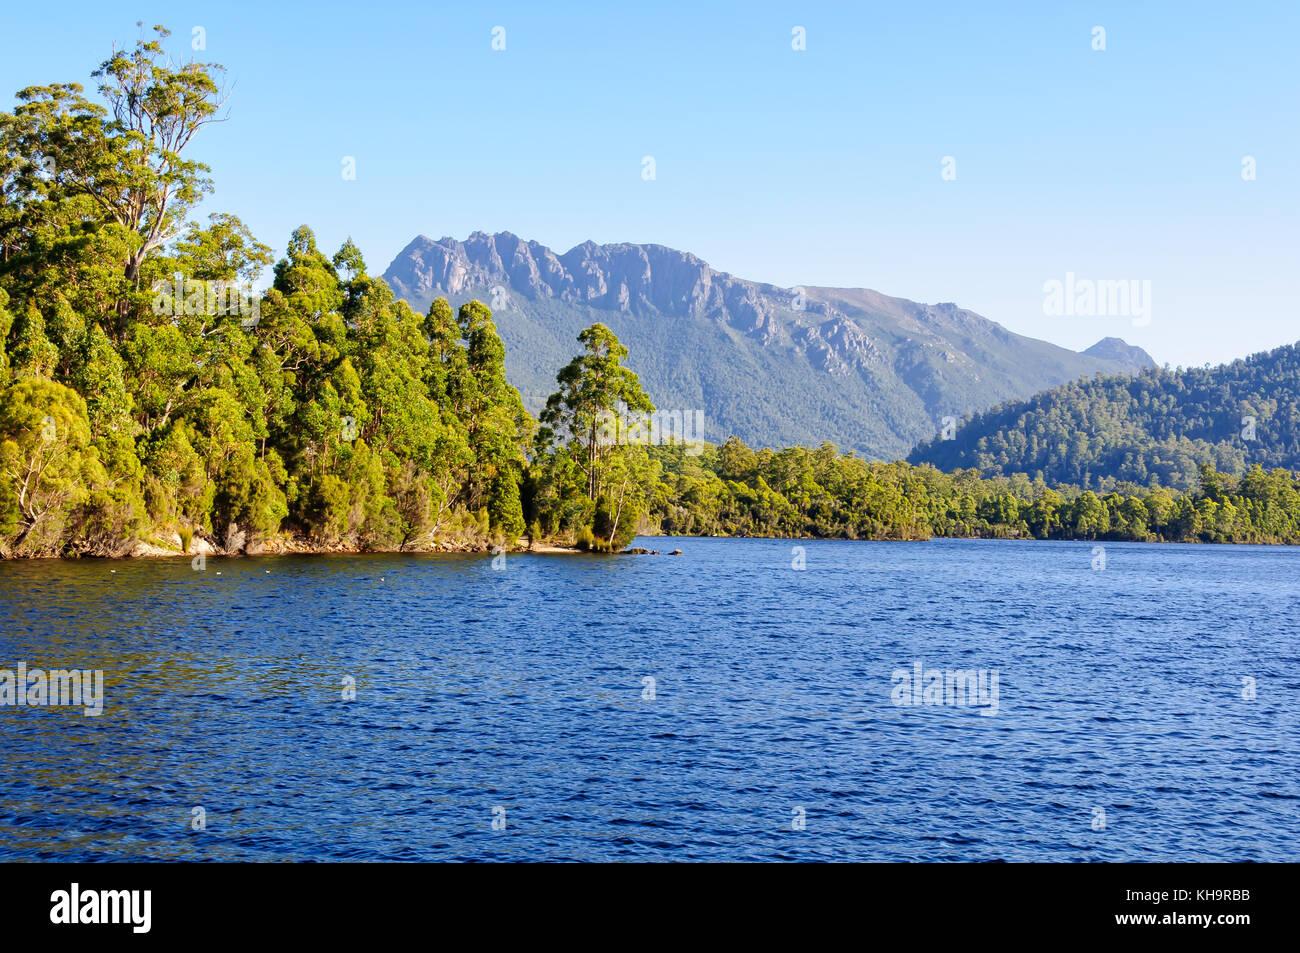 Lago rosebery es un depósito hecho por el hombre en la región de la costa oeste de Tasmania, Australia Foto de stock